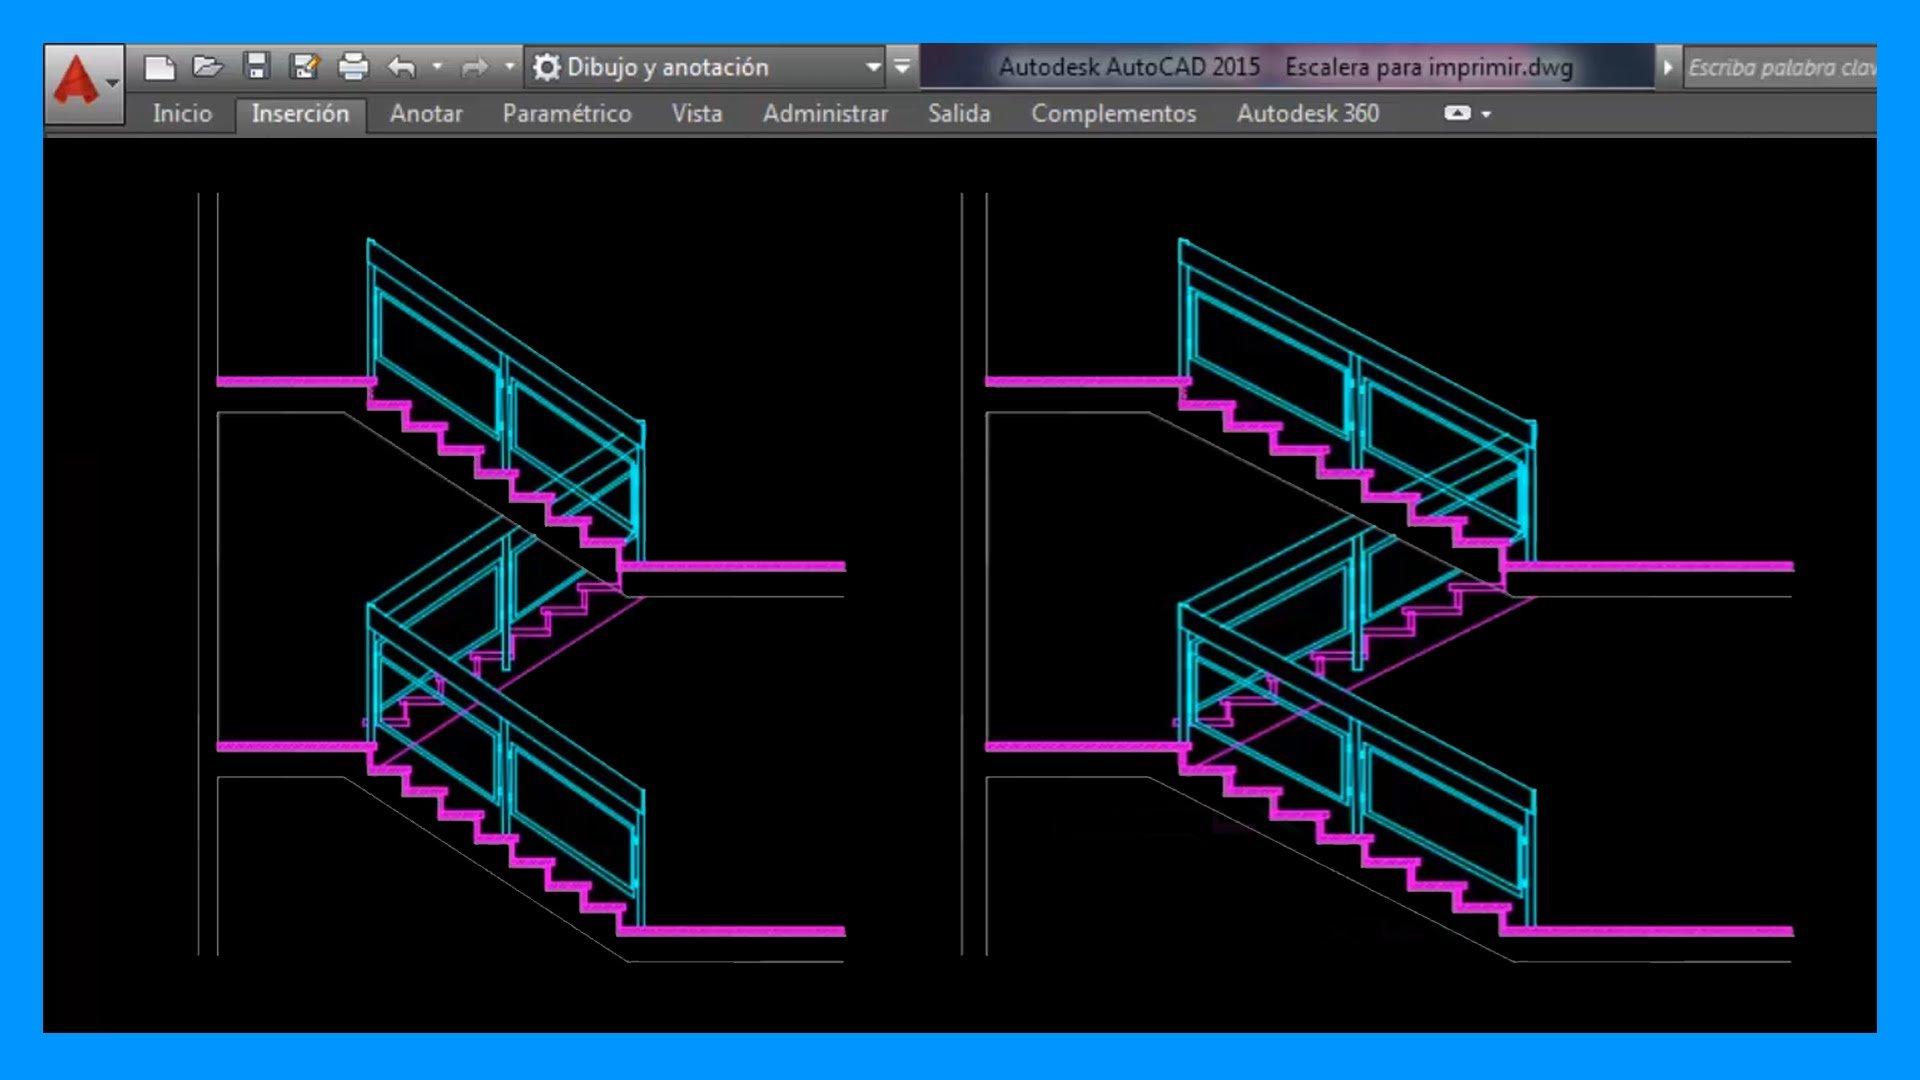 Autocad – Modificar escala en un solo eje. Cambiar escala eje X o eje Y.